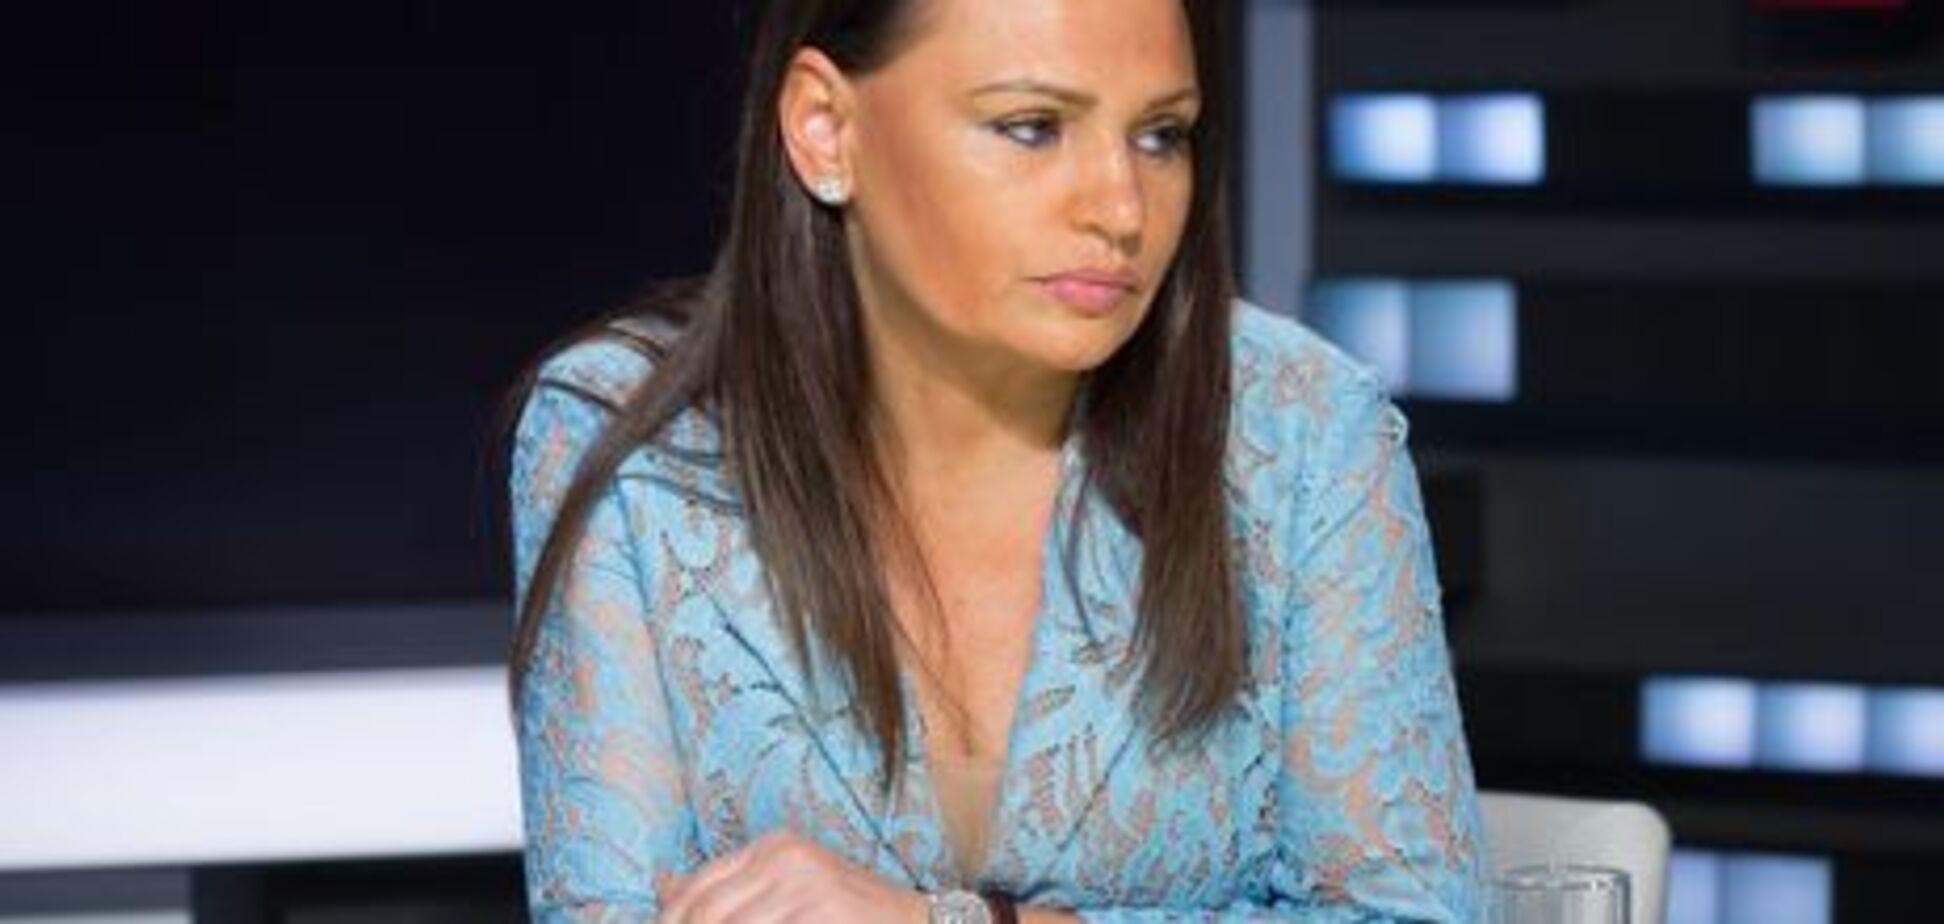 СБУ прийшла з обшуками до Кільчицької через матір загиблої Бережної